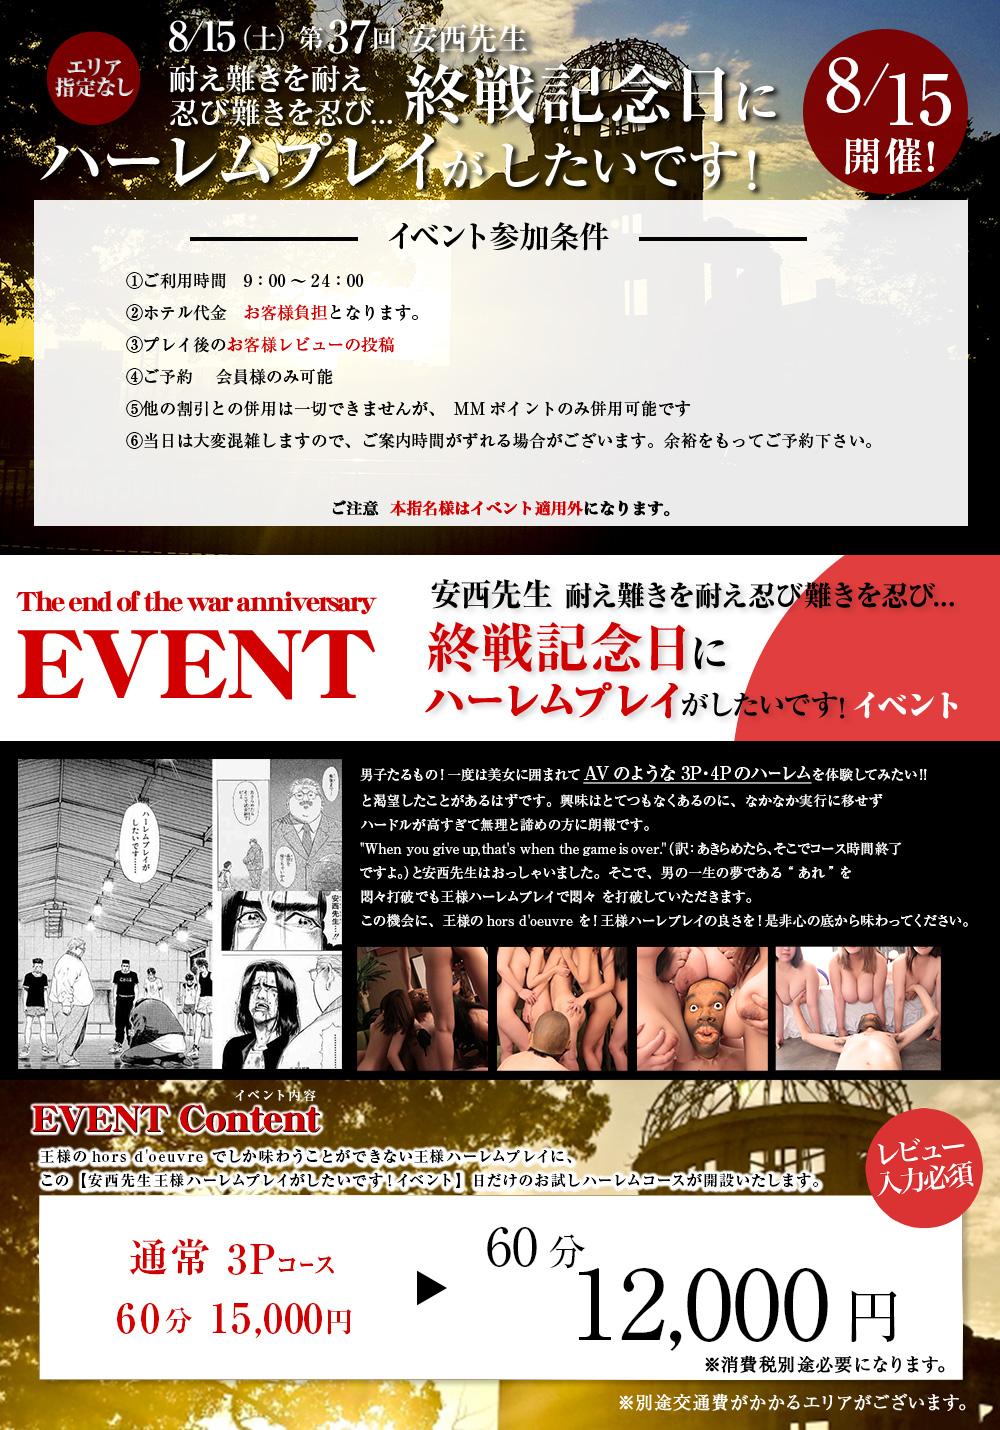 終戦記念日イベント